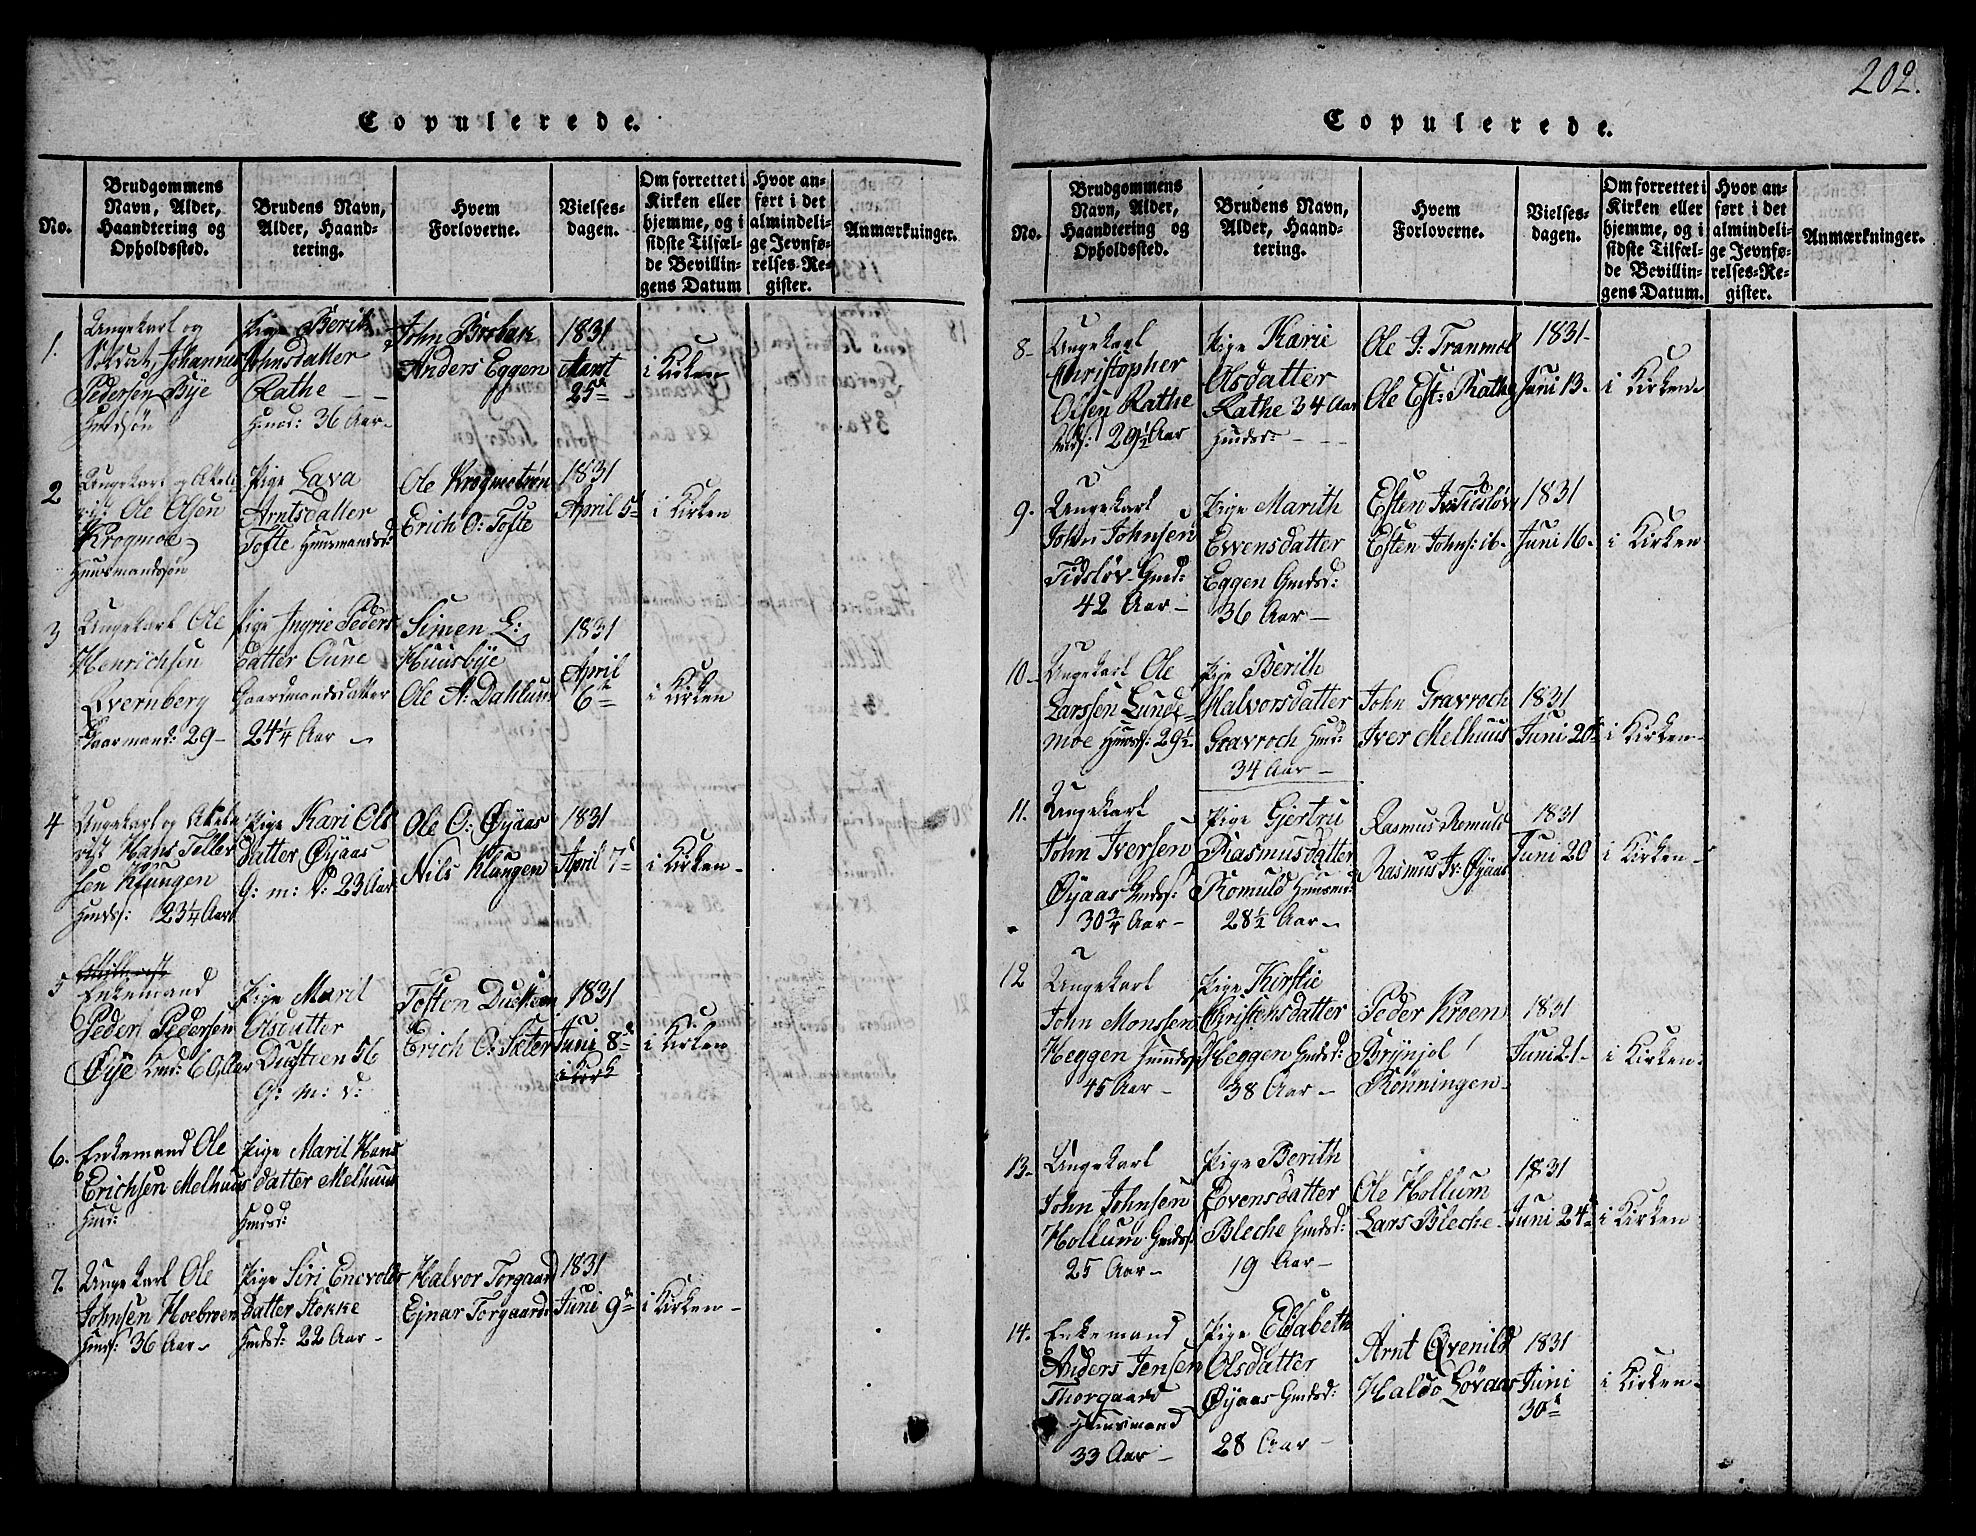 SAT, Ministerialprotokoller, klokkerbøker og fødselsregistre - Sør-Trøndelag, 691/L1092: Klokkerbok nr. 691C03, 1816-1852, s. 202